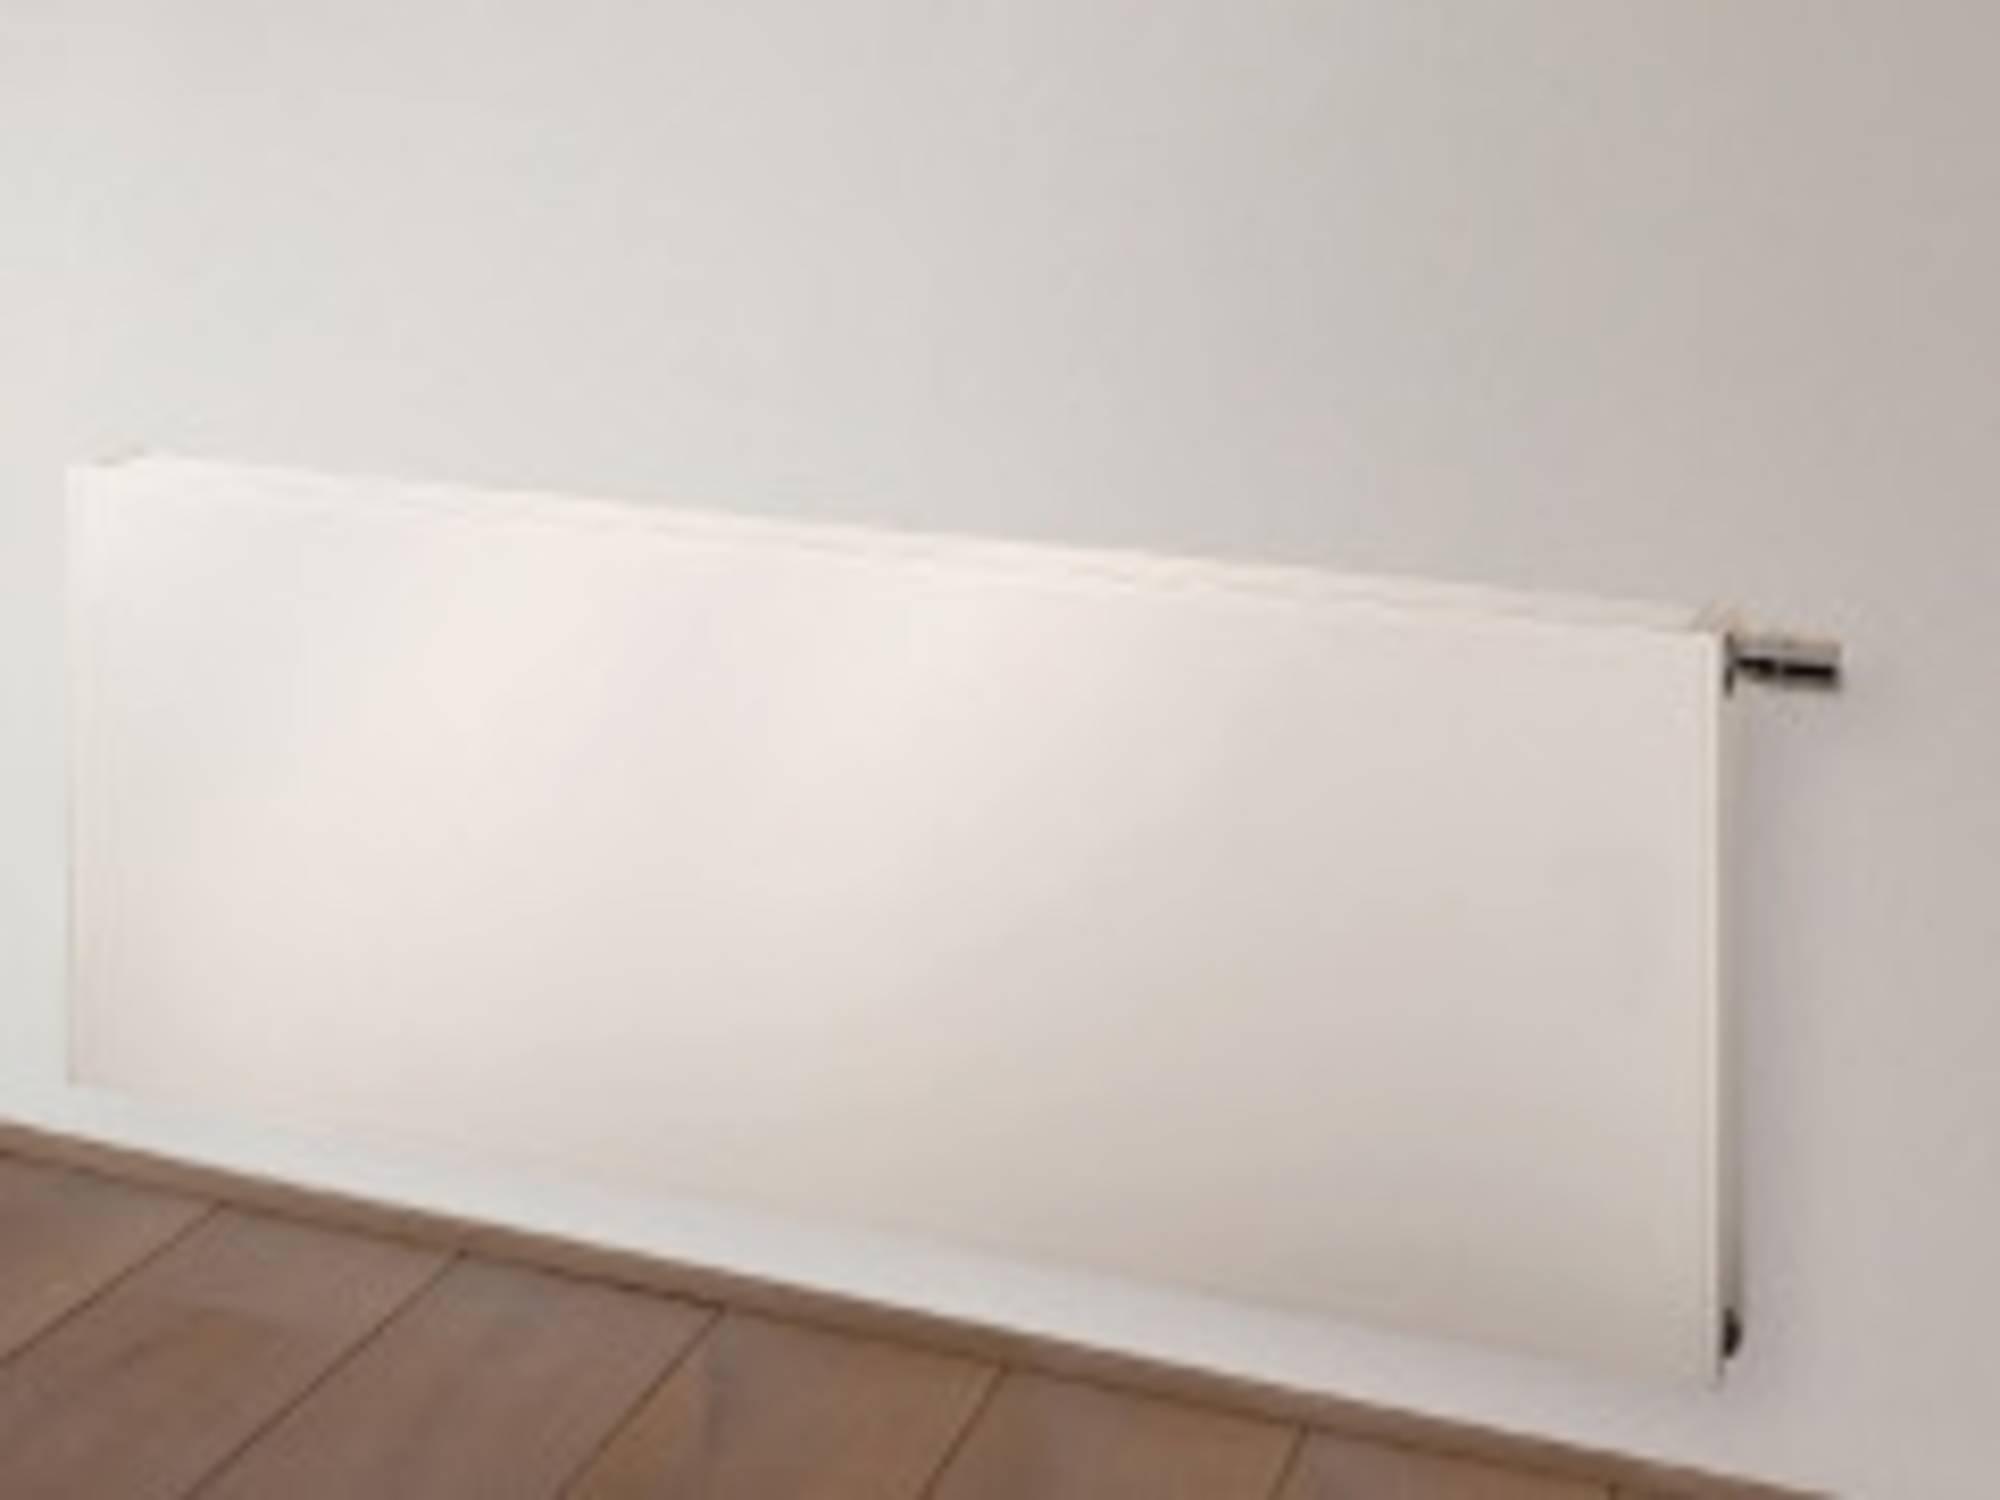 Vasco Flatline T22 radiator 2200x600 mm as=0098 3612w Wit S600